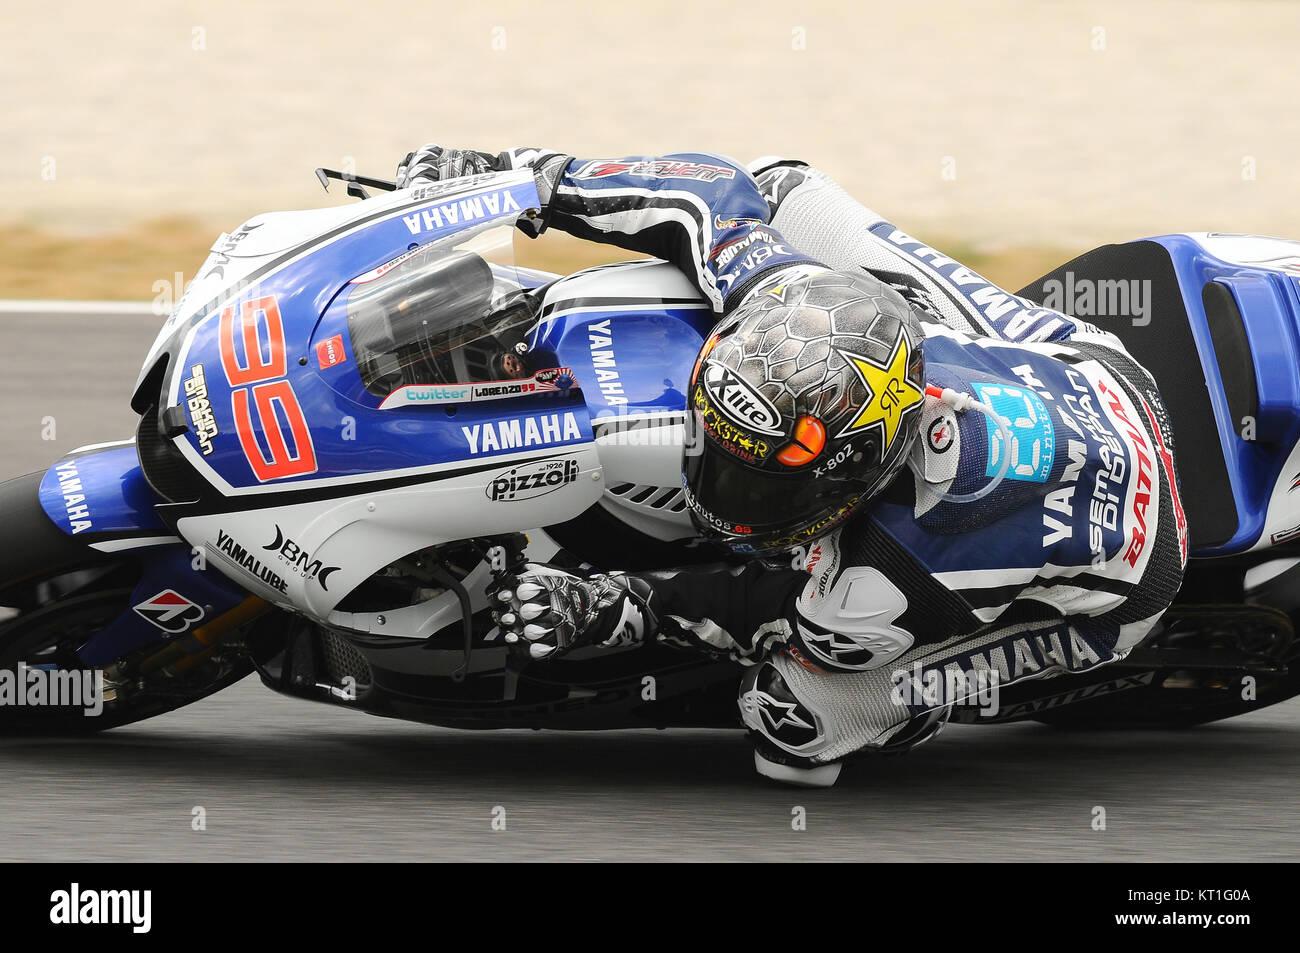 Jorge Lorenzo Yamaha Stock Photos & Jorge Lorenzo Yamaha Stock Images - Alamy